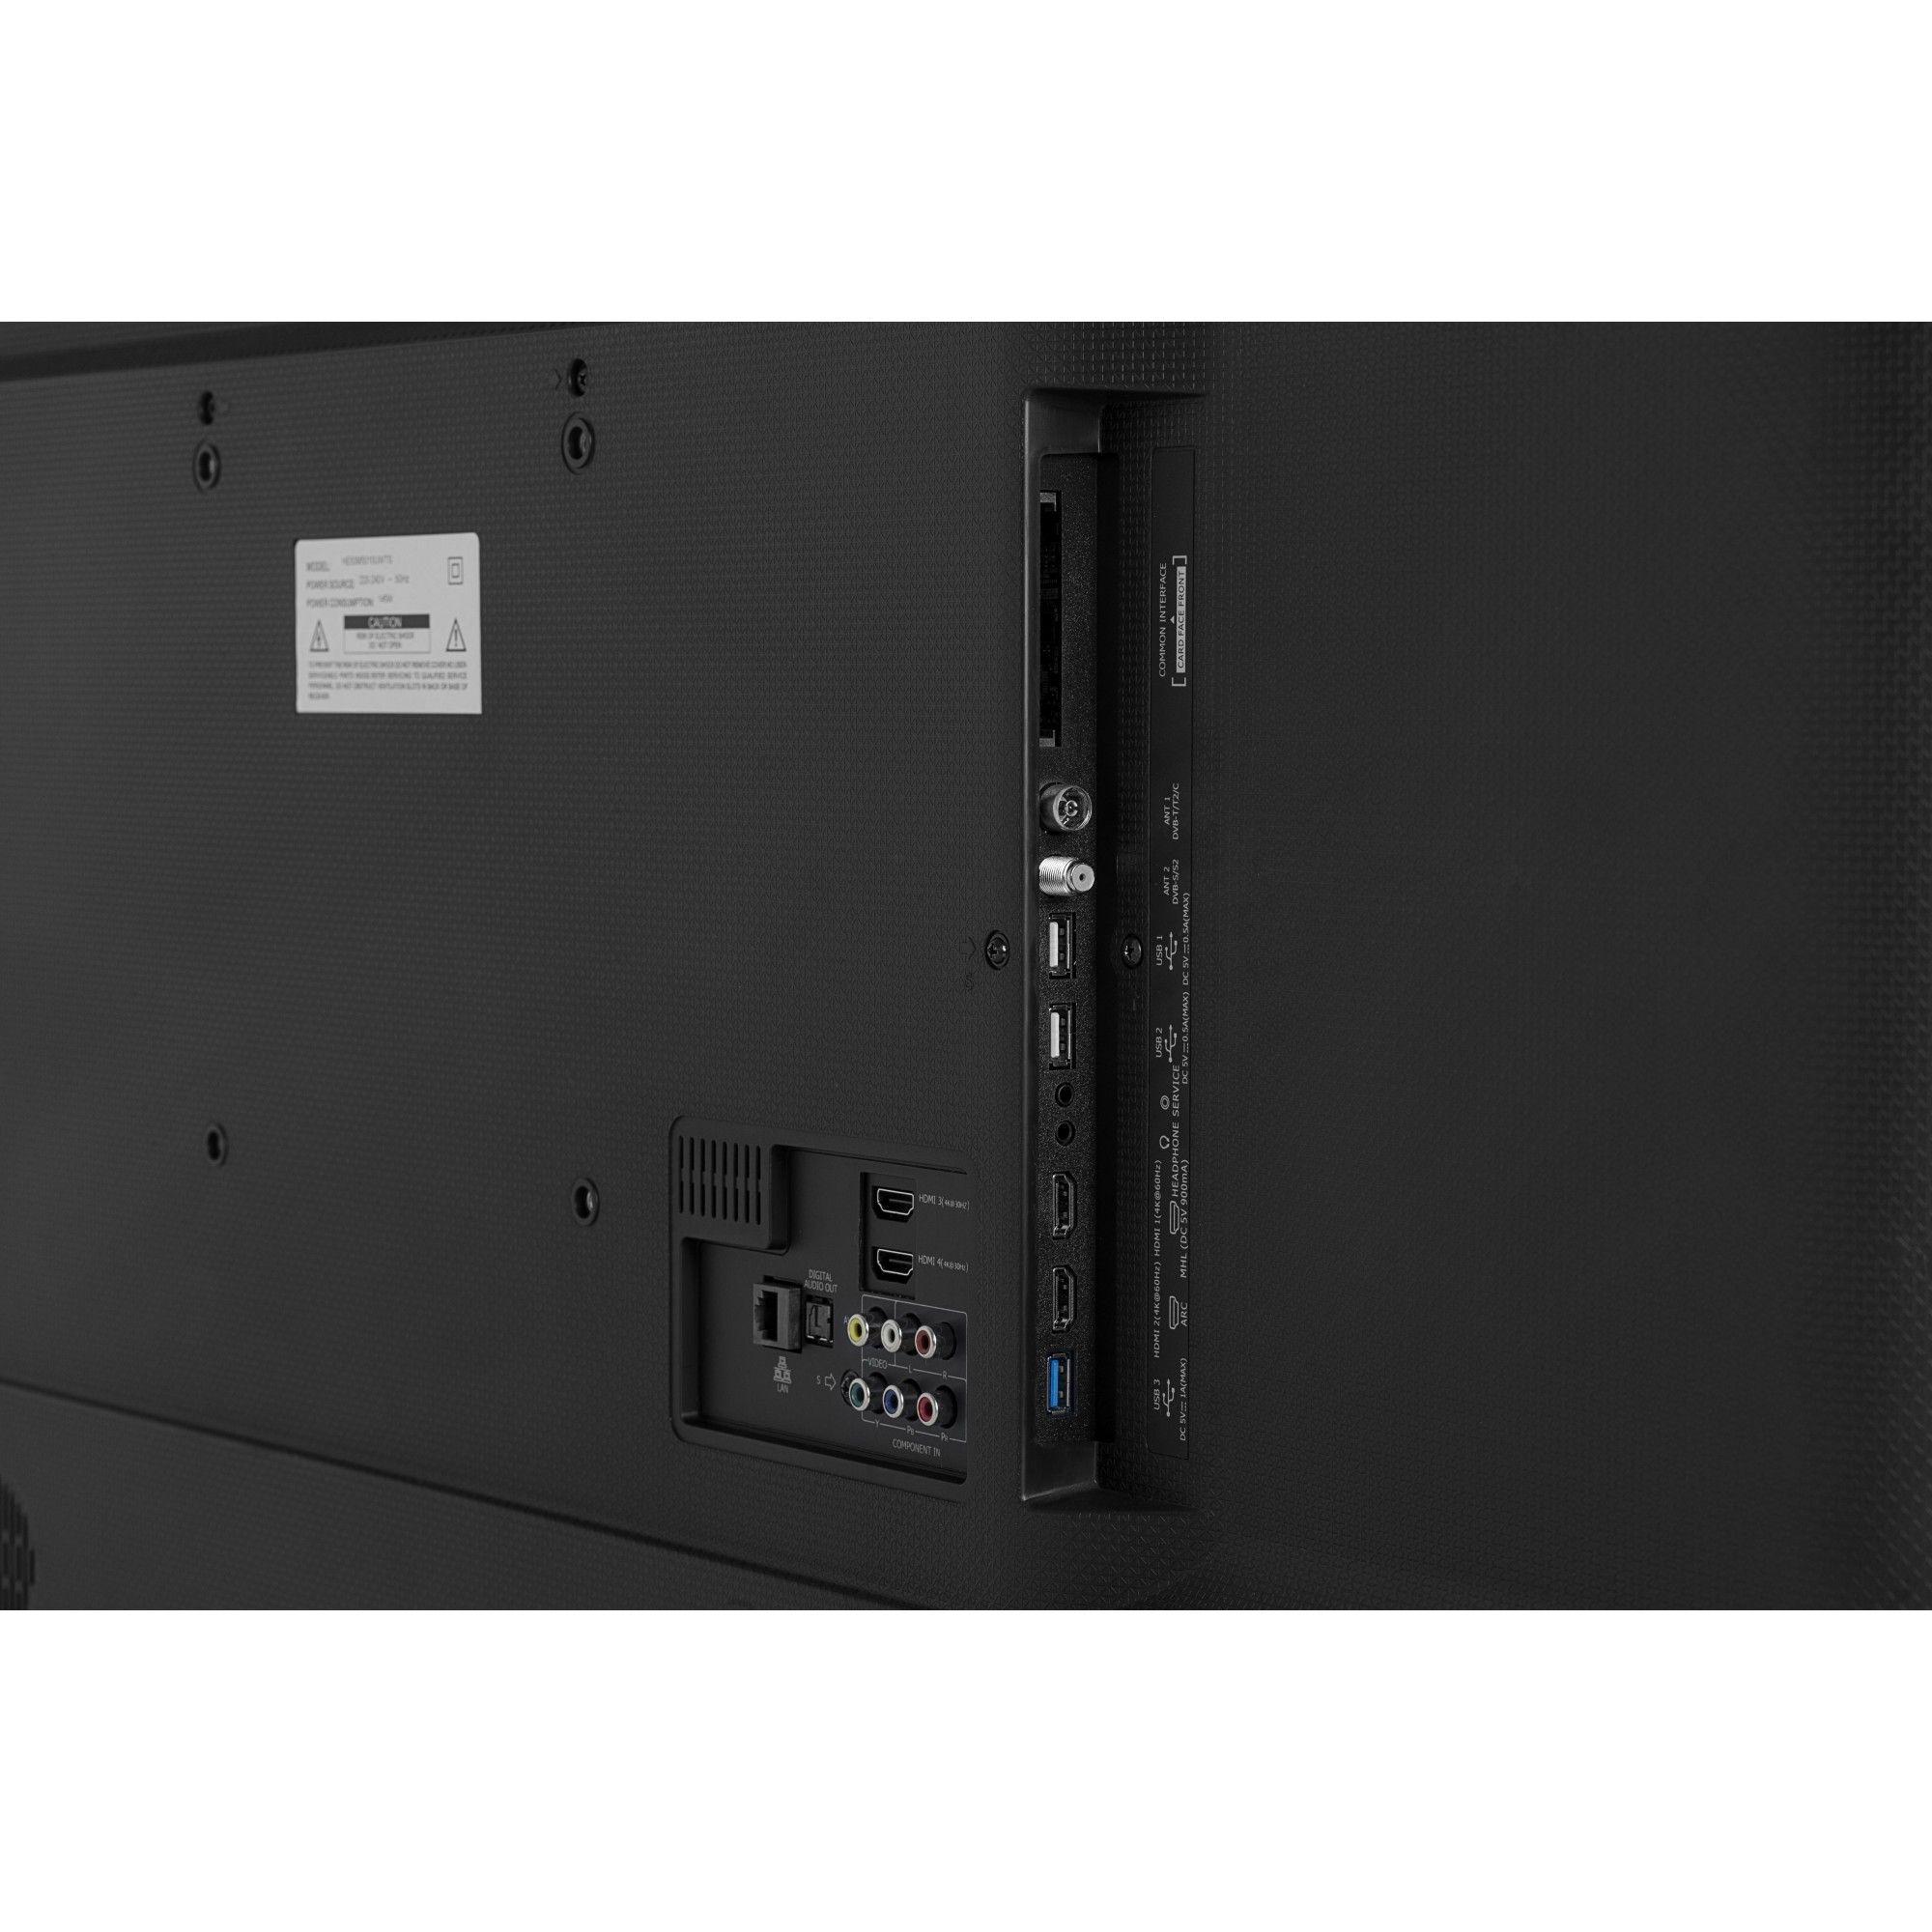 Hisense 43M5010UW